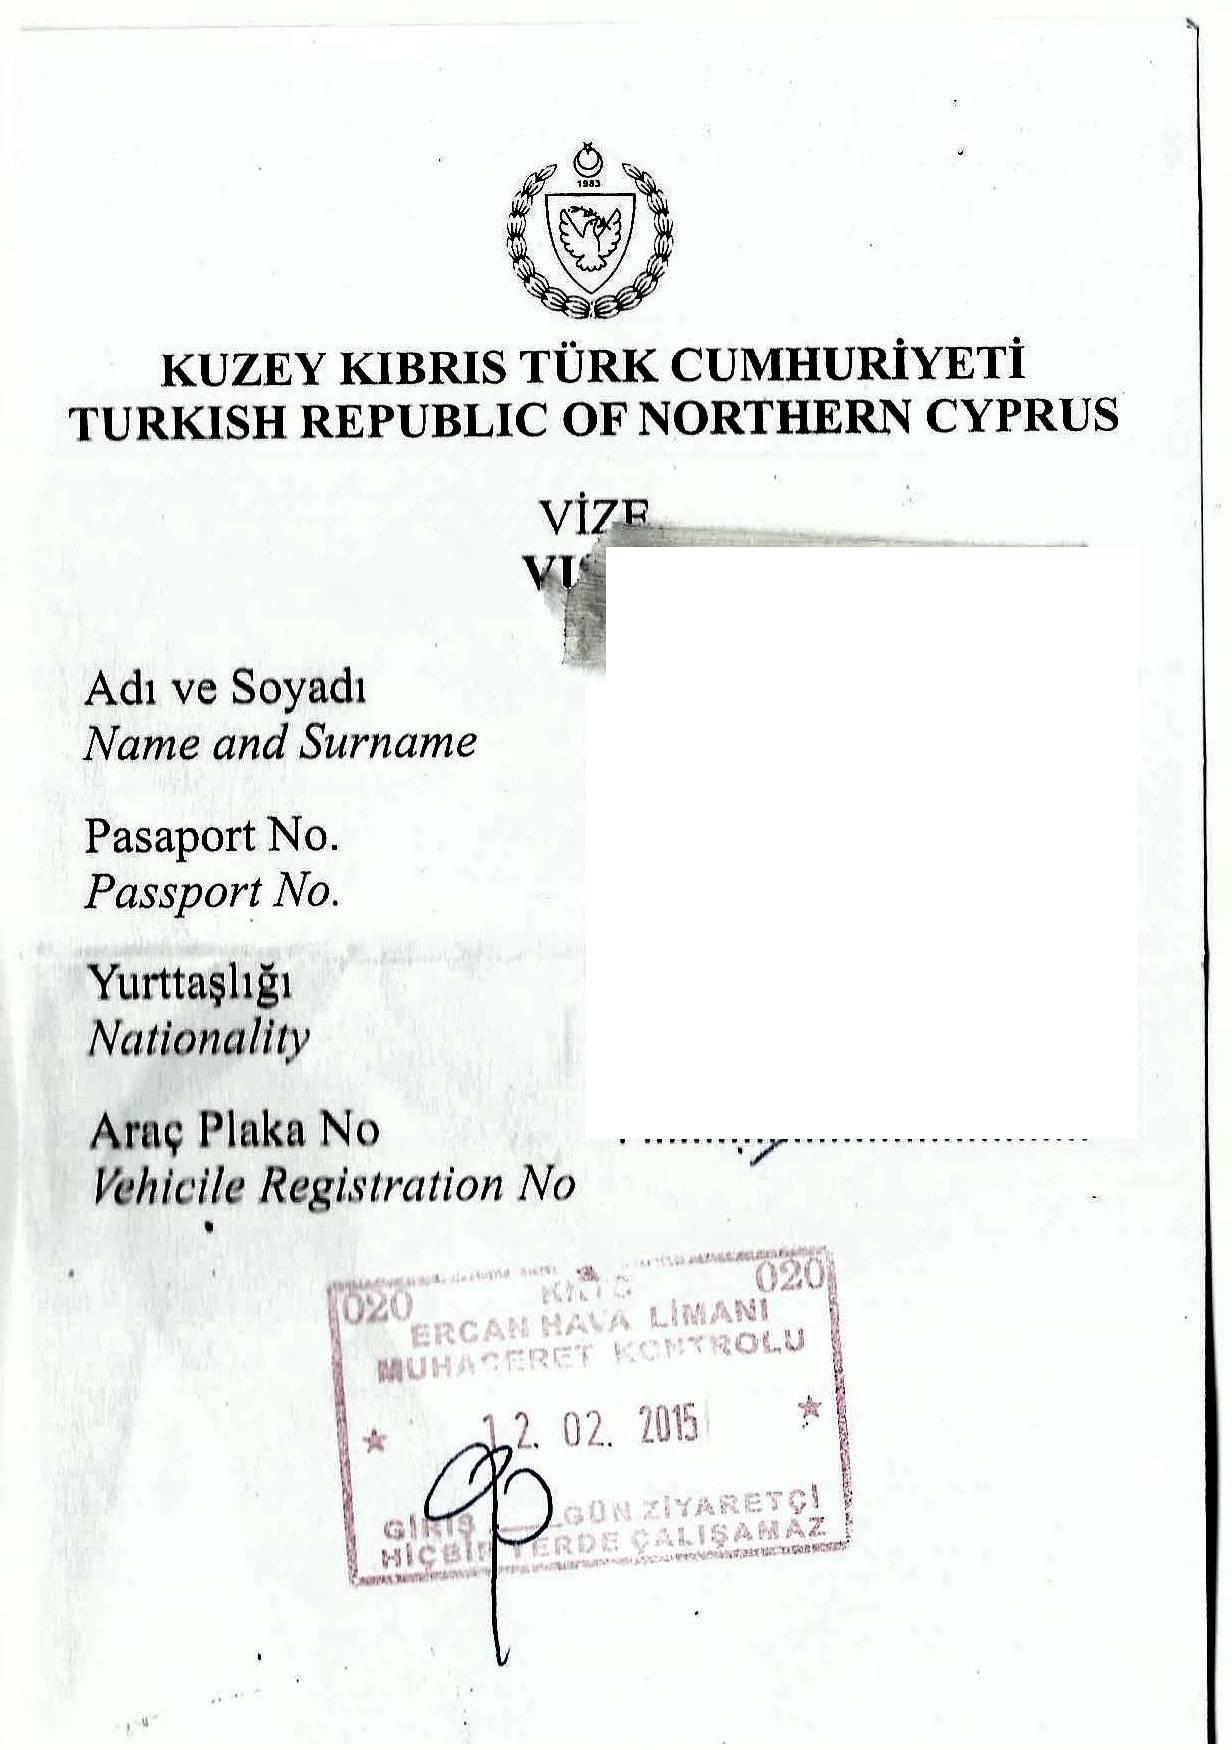 visa sur papier volant !